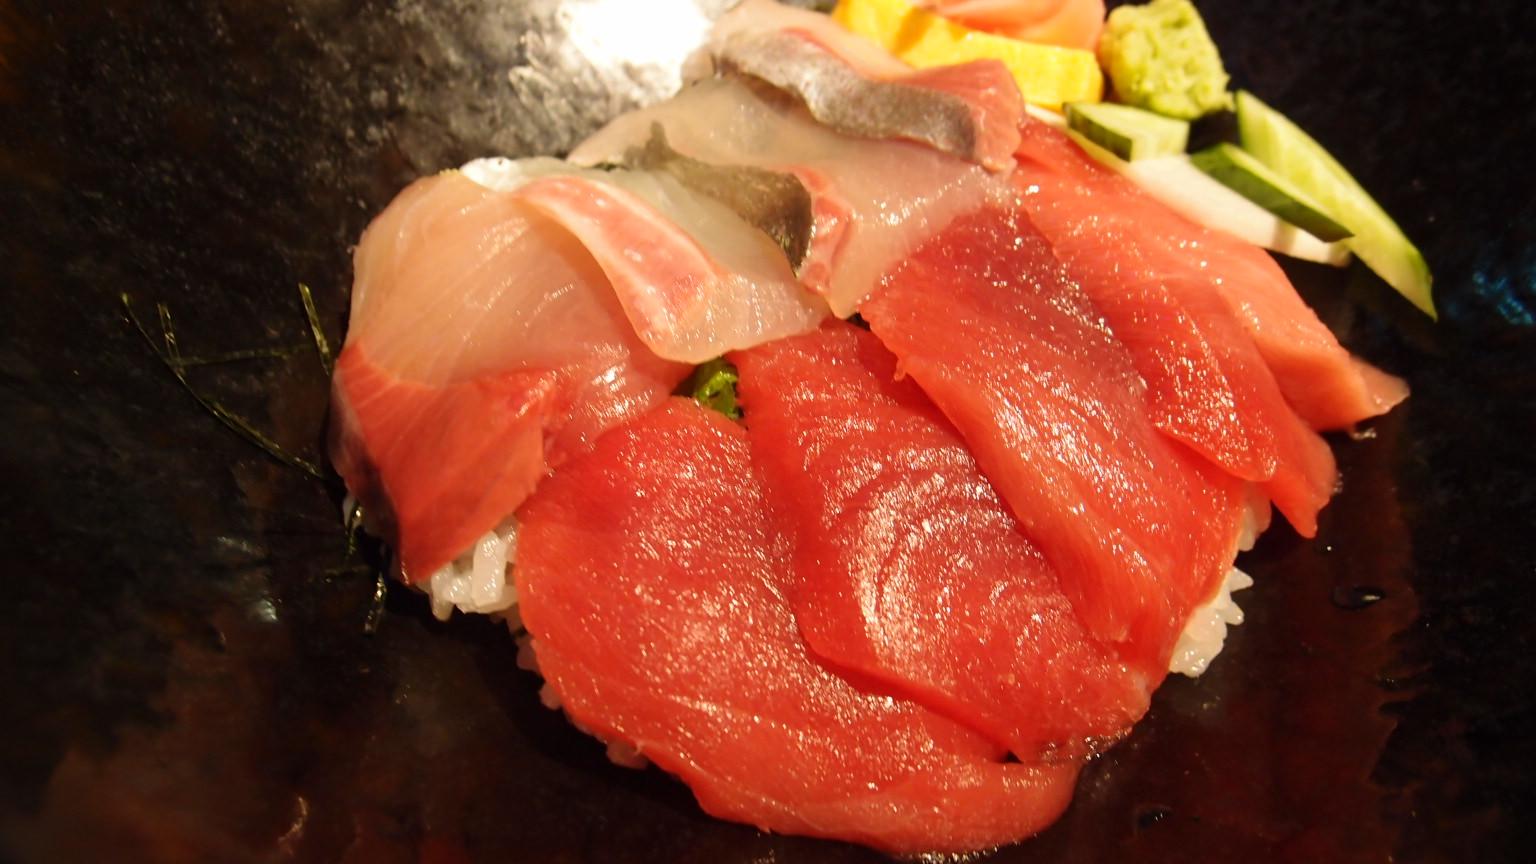 銀座 近畿大学水産研究所 近大マグロと選抜鮮魚の海鮮丼